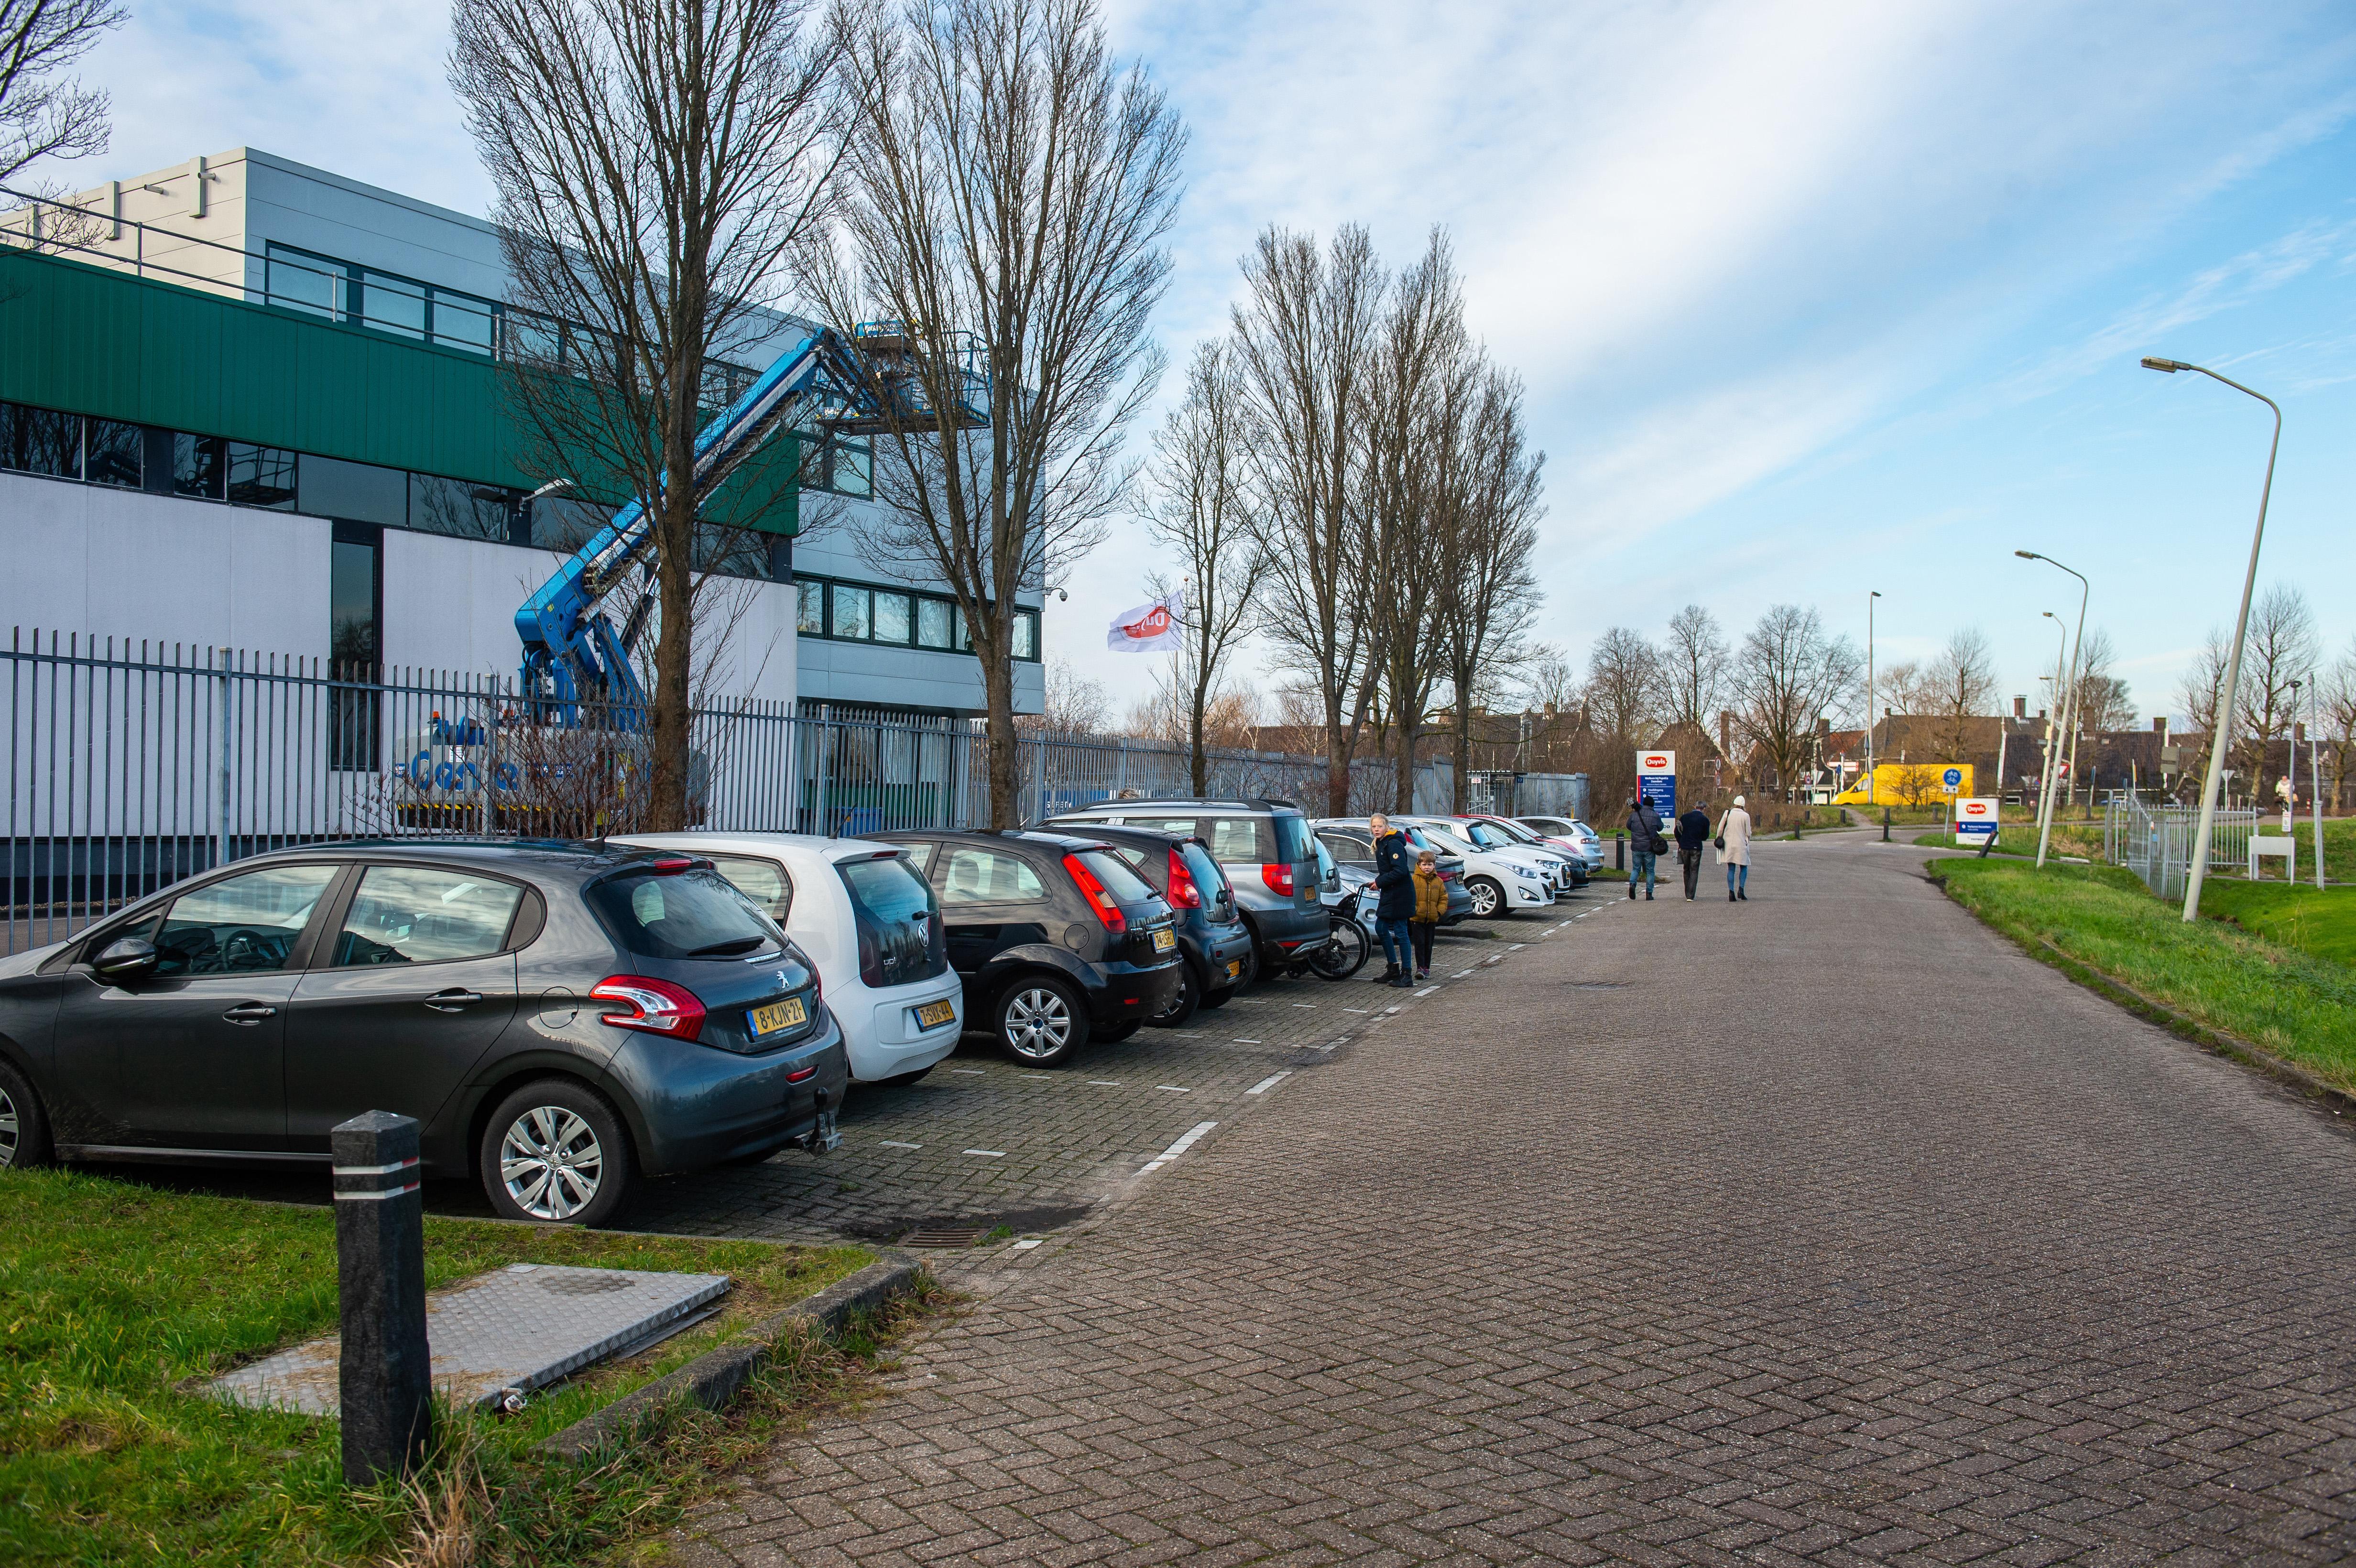 Voetbalvereniging Zaandijk heeft dringend meer parkeerplaatsen nodig. PvdA: 'zoek een oplossing voordat Zaanse Schans weer volloopt'